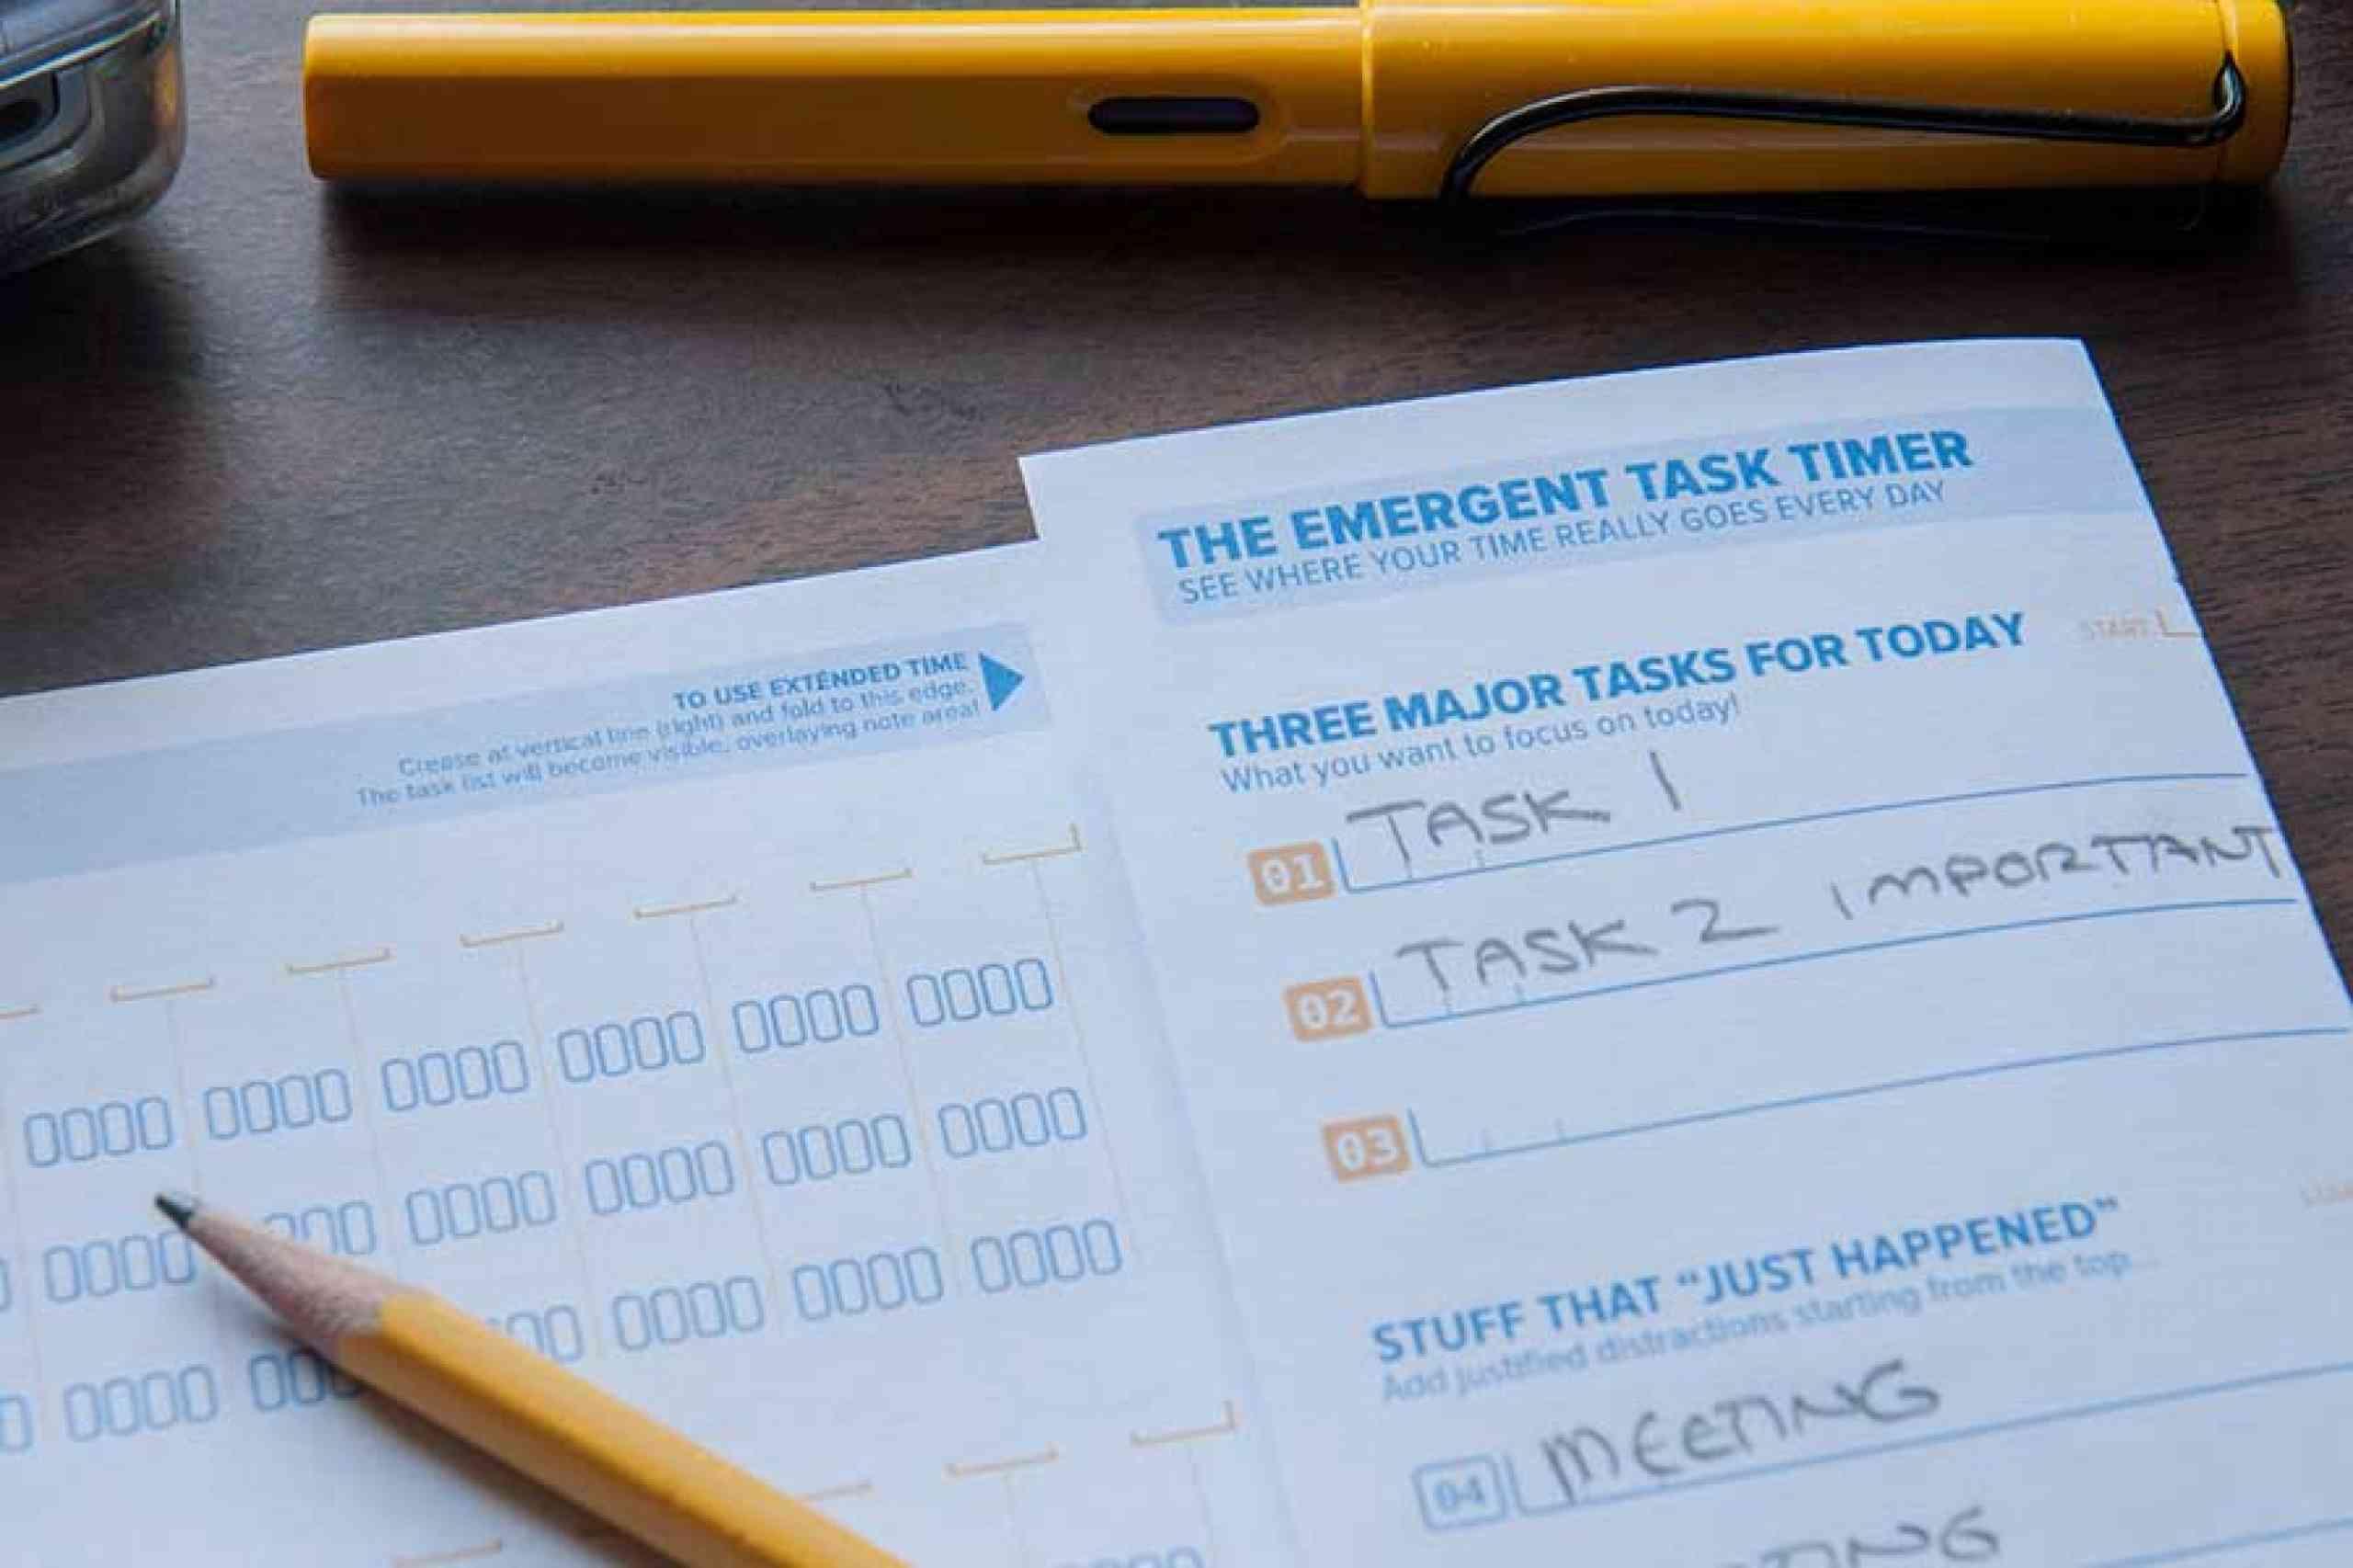 EmergentTaskTimer2013Update